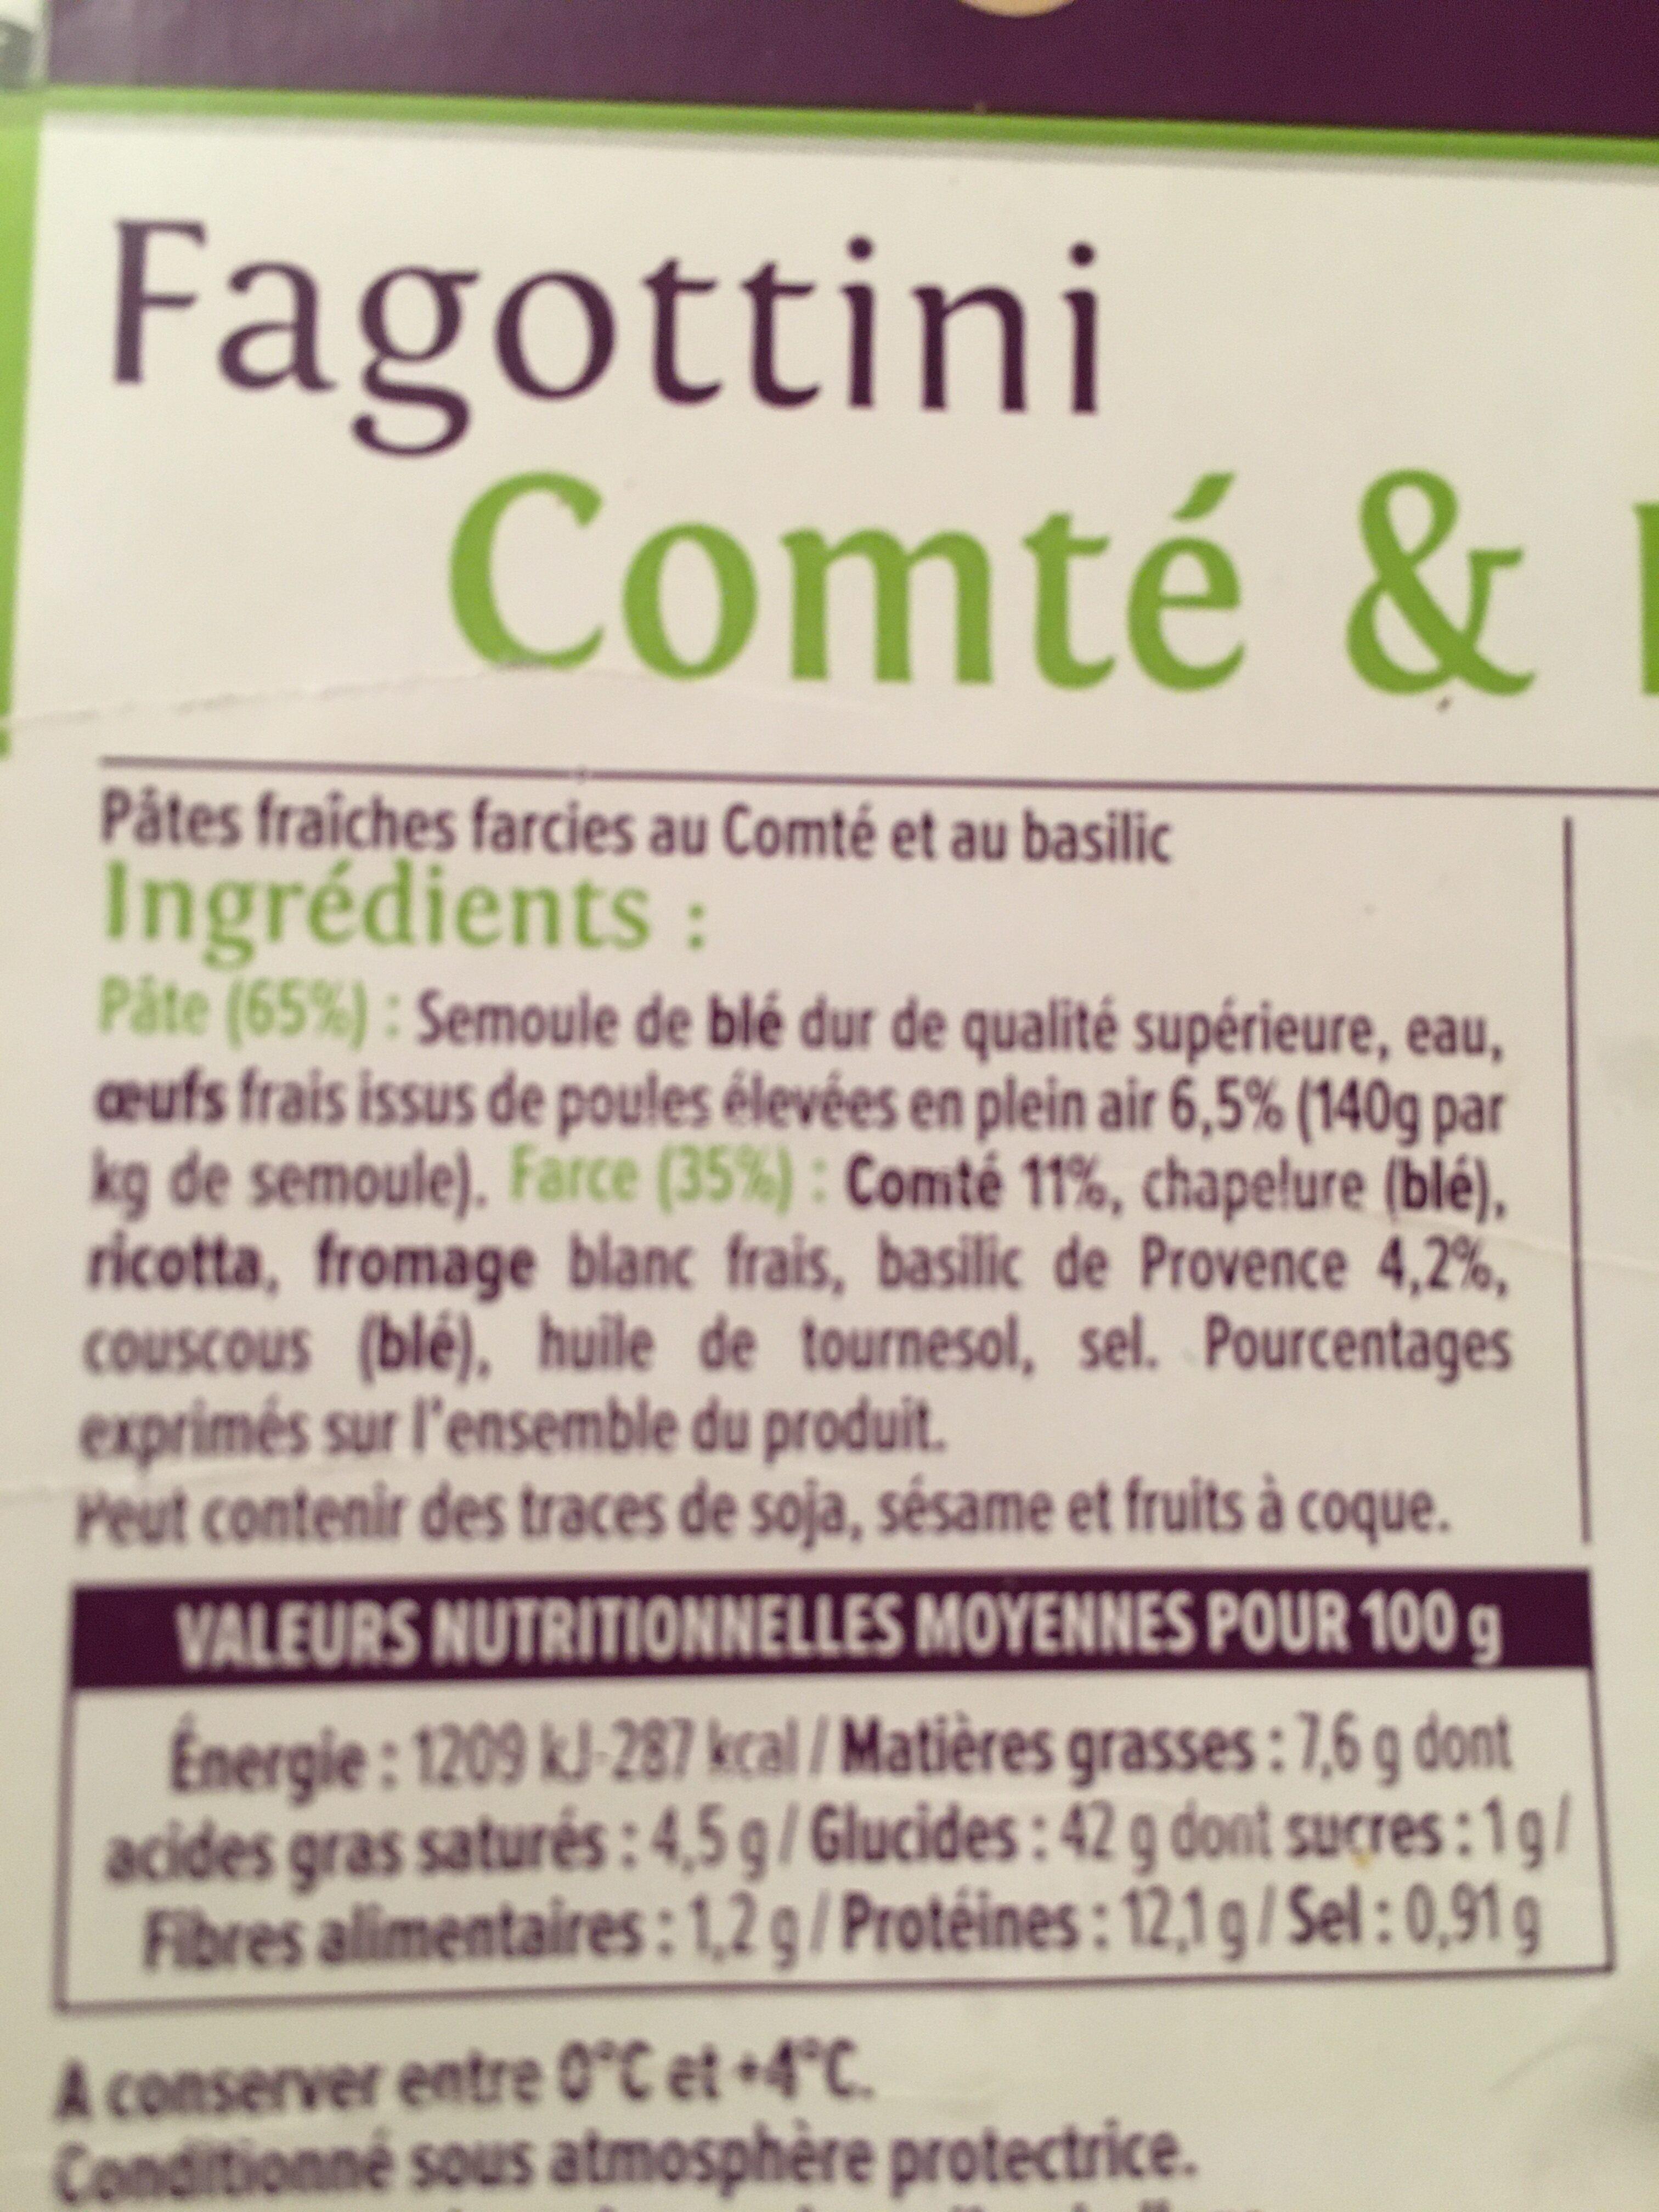 Fagottini Comté - Basilic de Provence - Informations nutritionnelles - fr